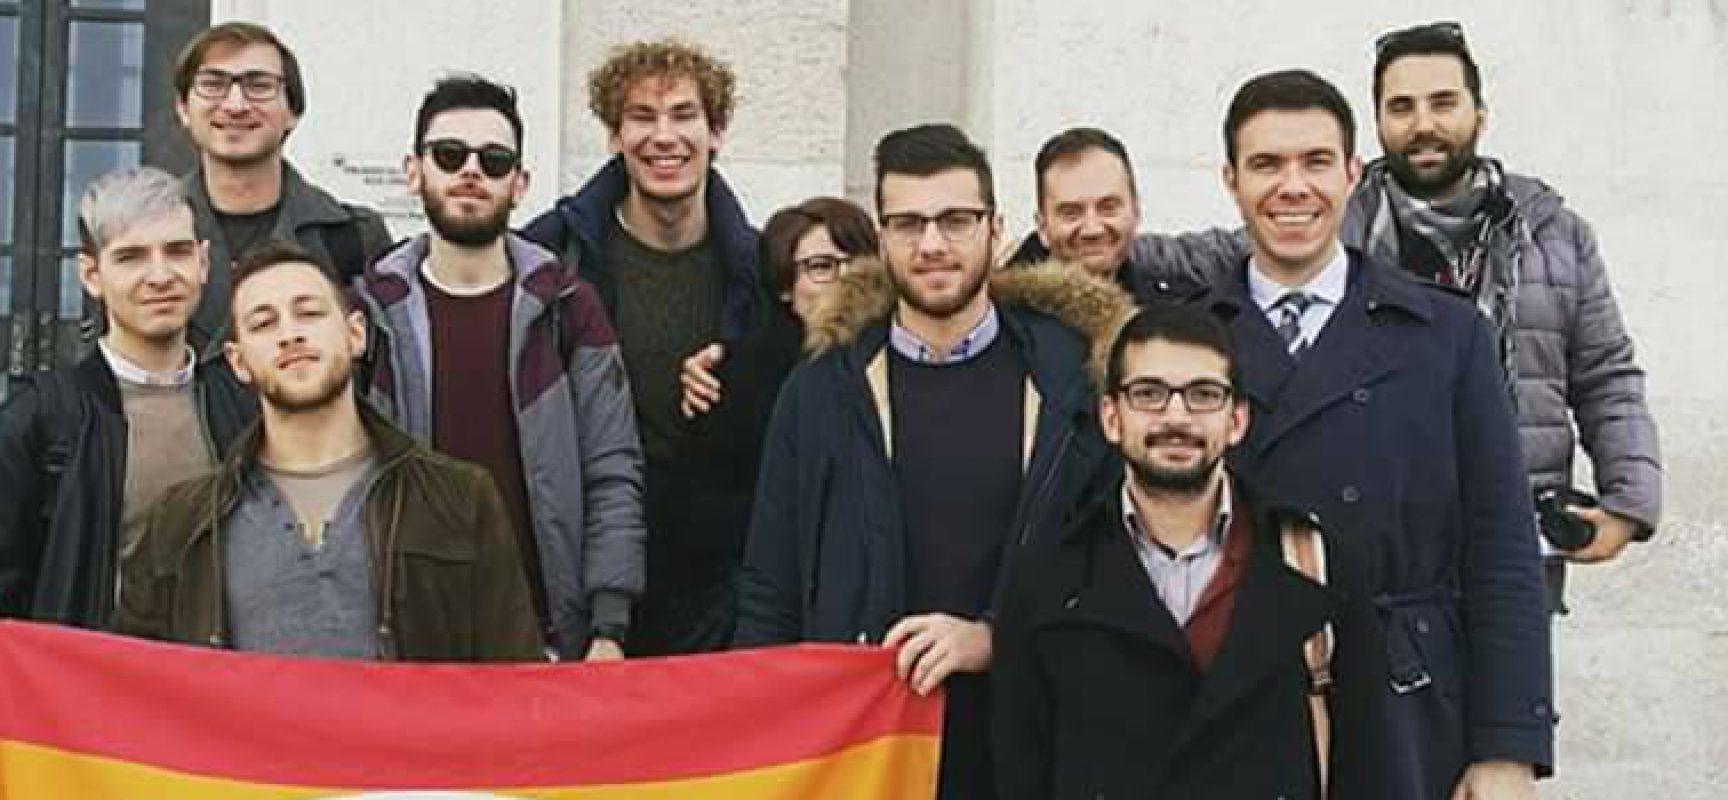 Emiliano presenta la legge regionale contro l'omofobia, presente l'Arcigay Bat